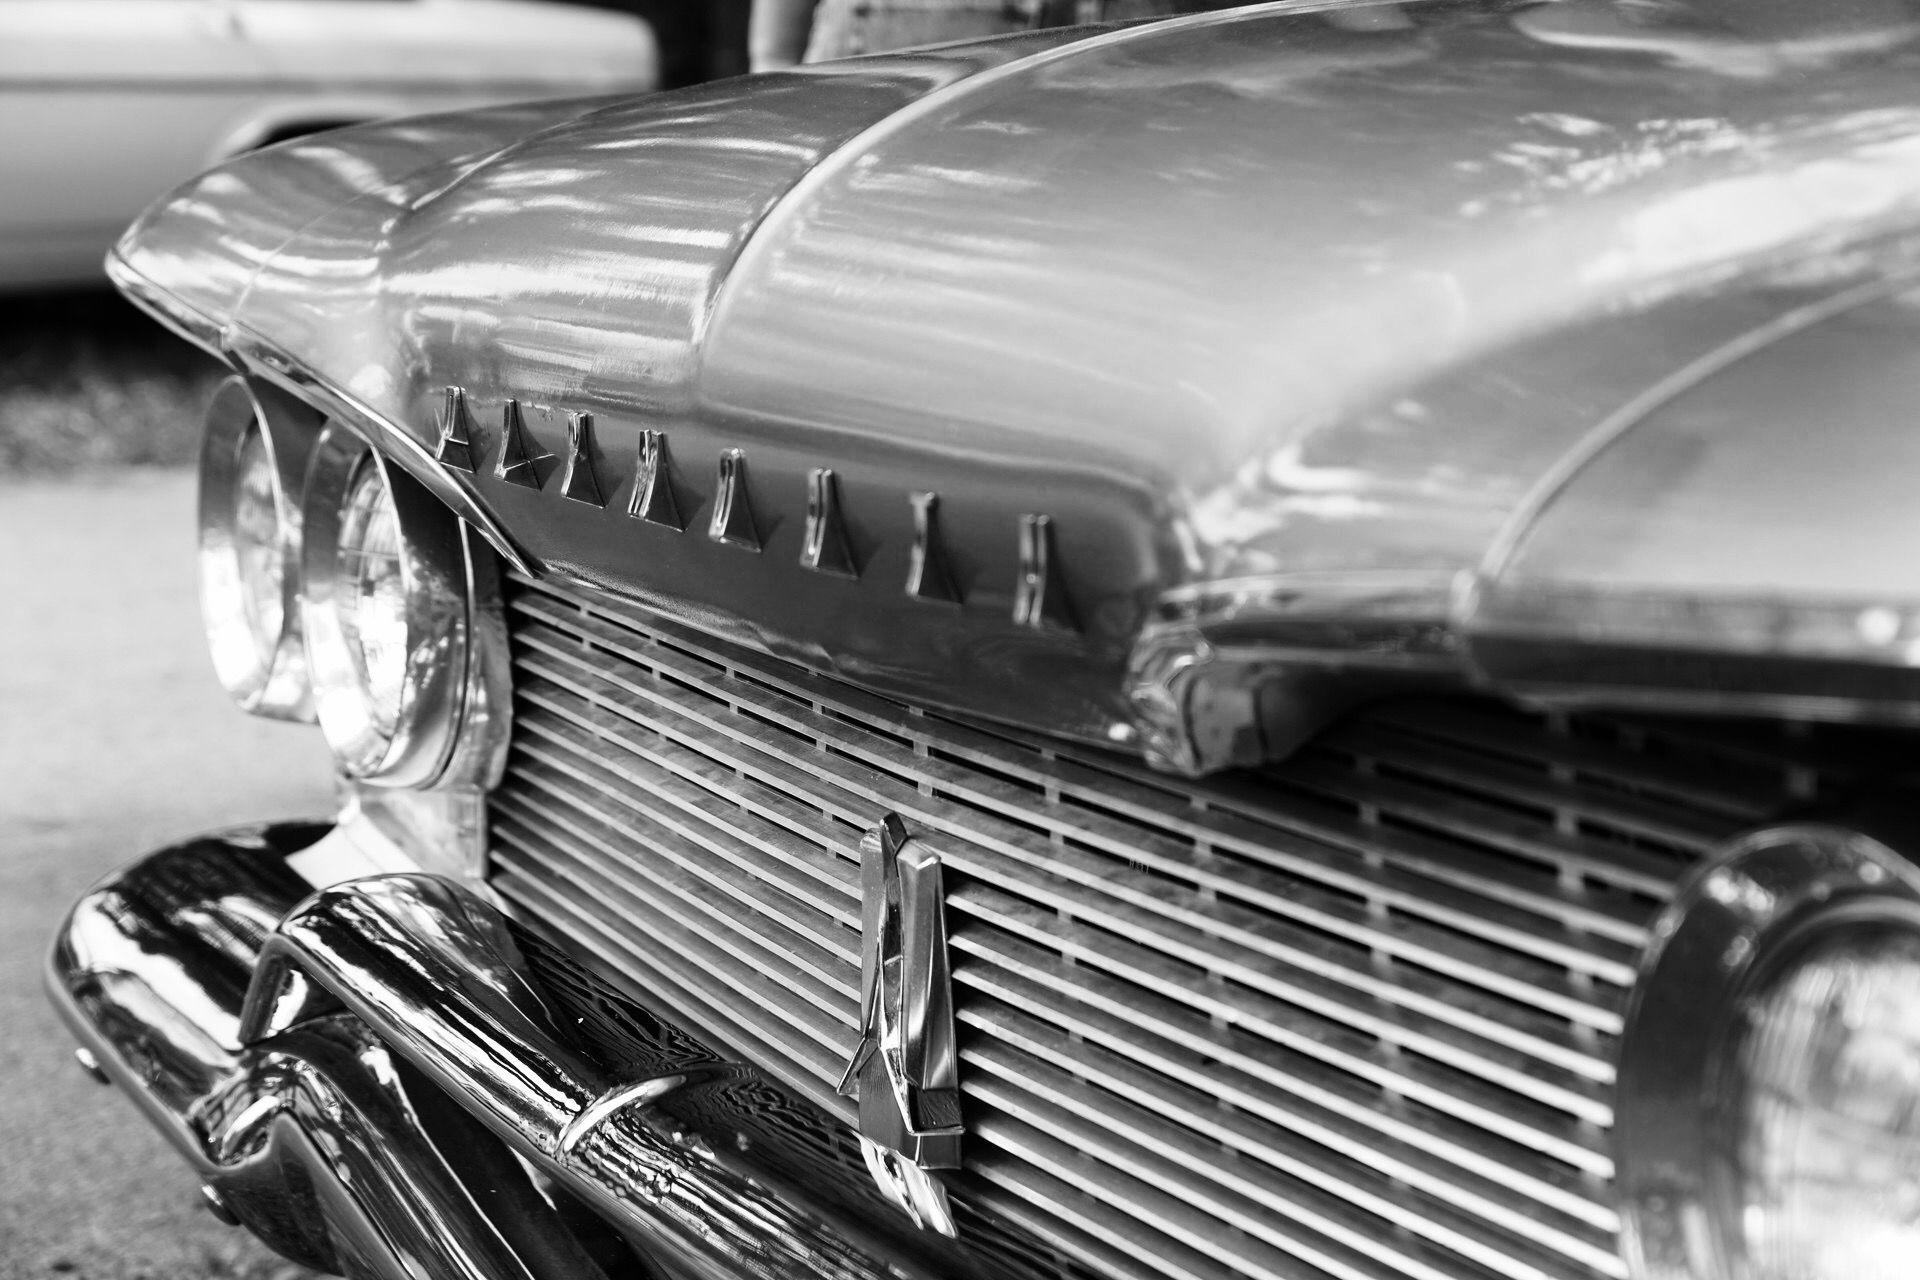 Pin von Dirk auf Automobile